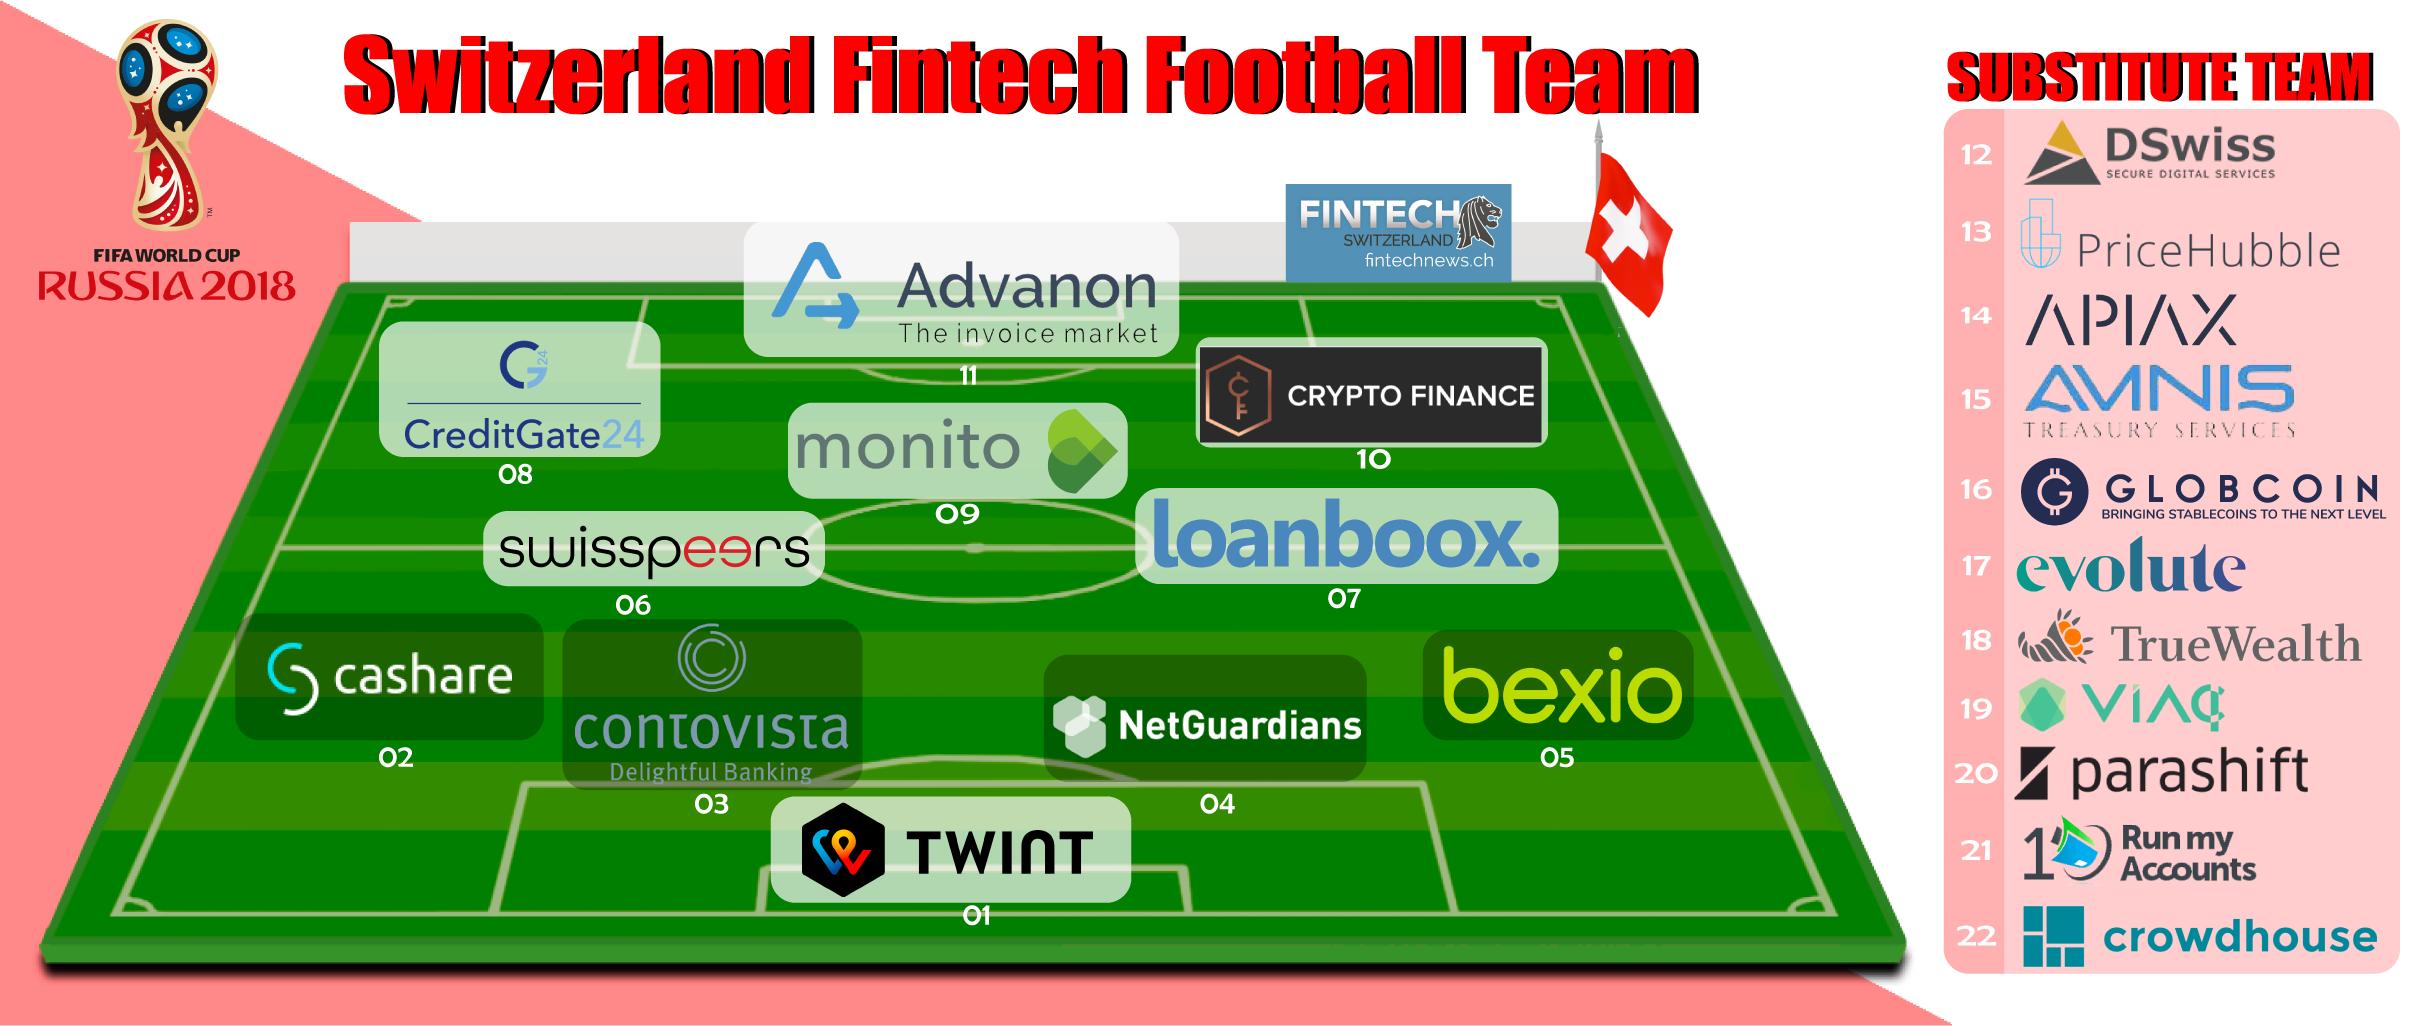 Football Team Swiss Fintech